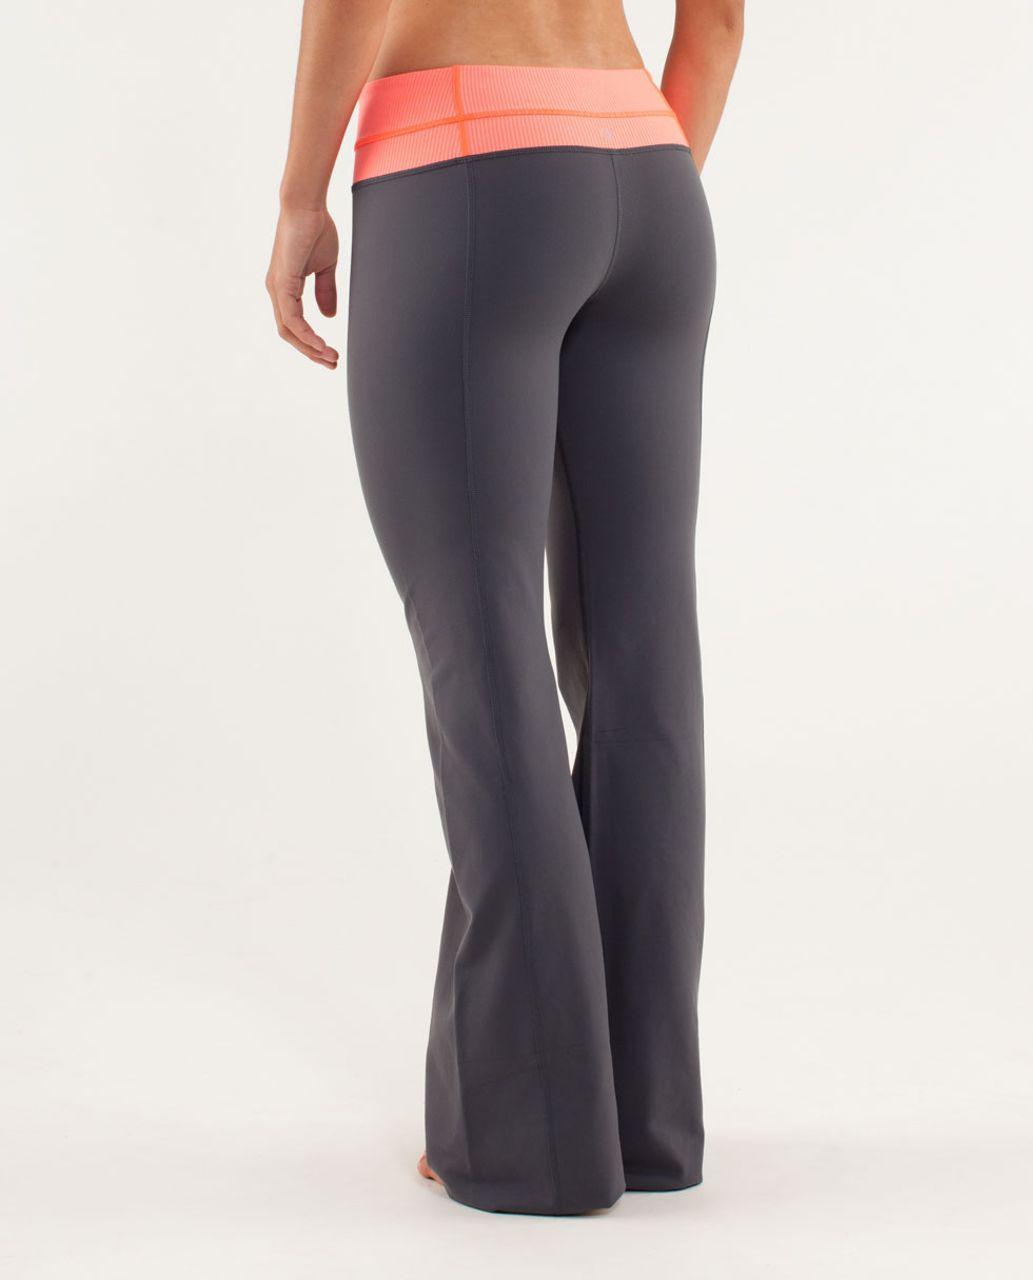 Lululemon Groove Pant (Tall) - Coal / Tonka Stripe Flare / Heathered Flare